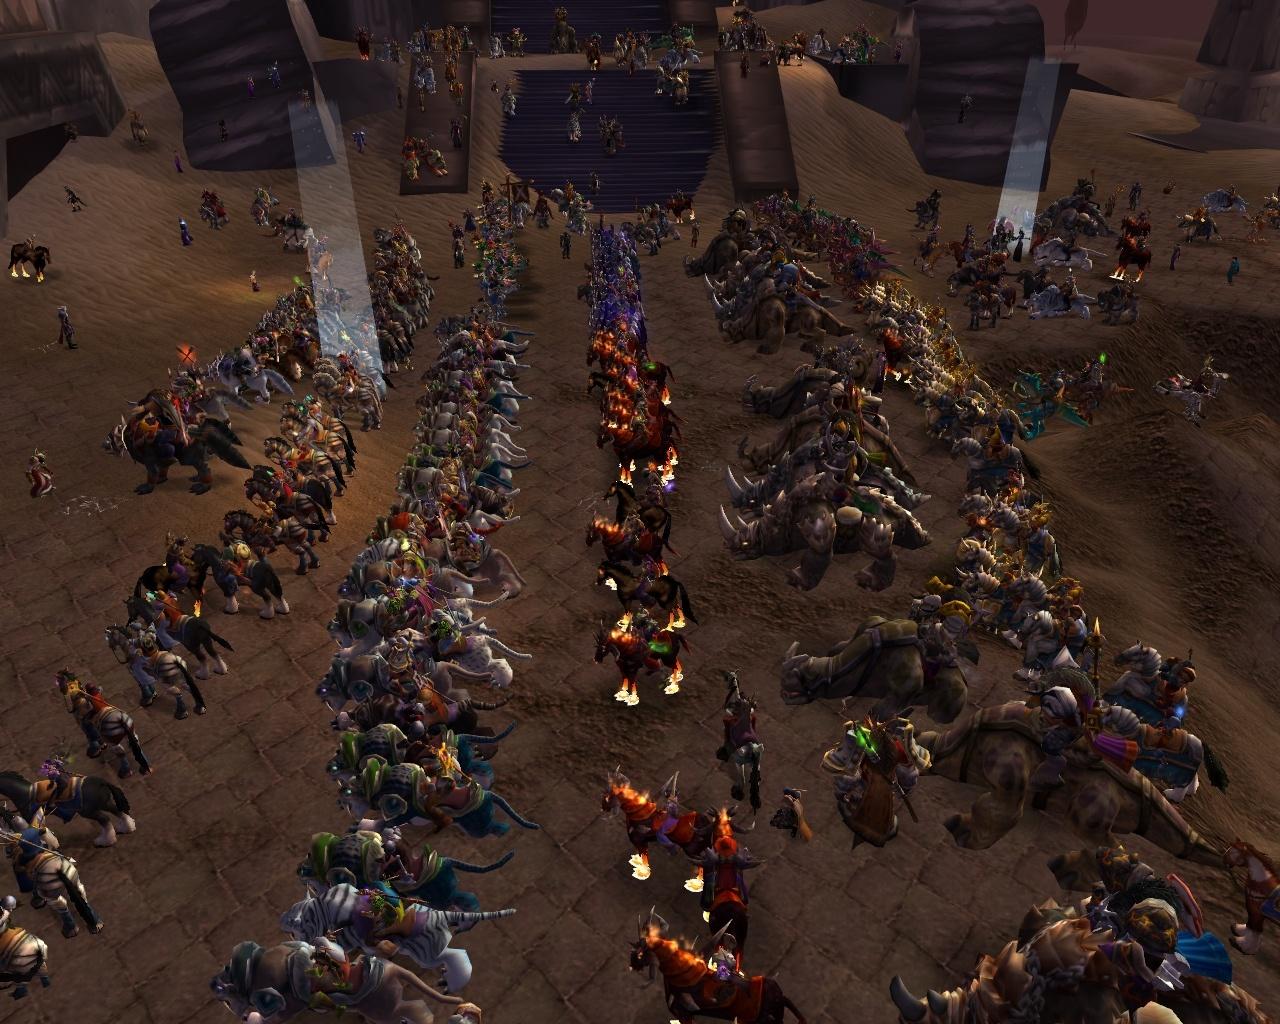 Как создавался World of Warcraft: взгляд изнутри на 20 лет разработки - 15